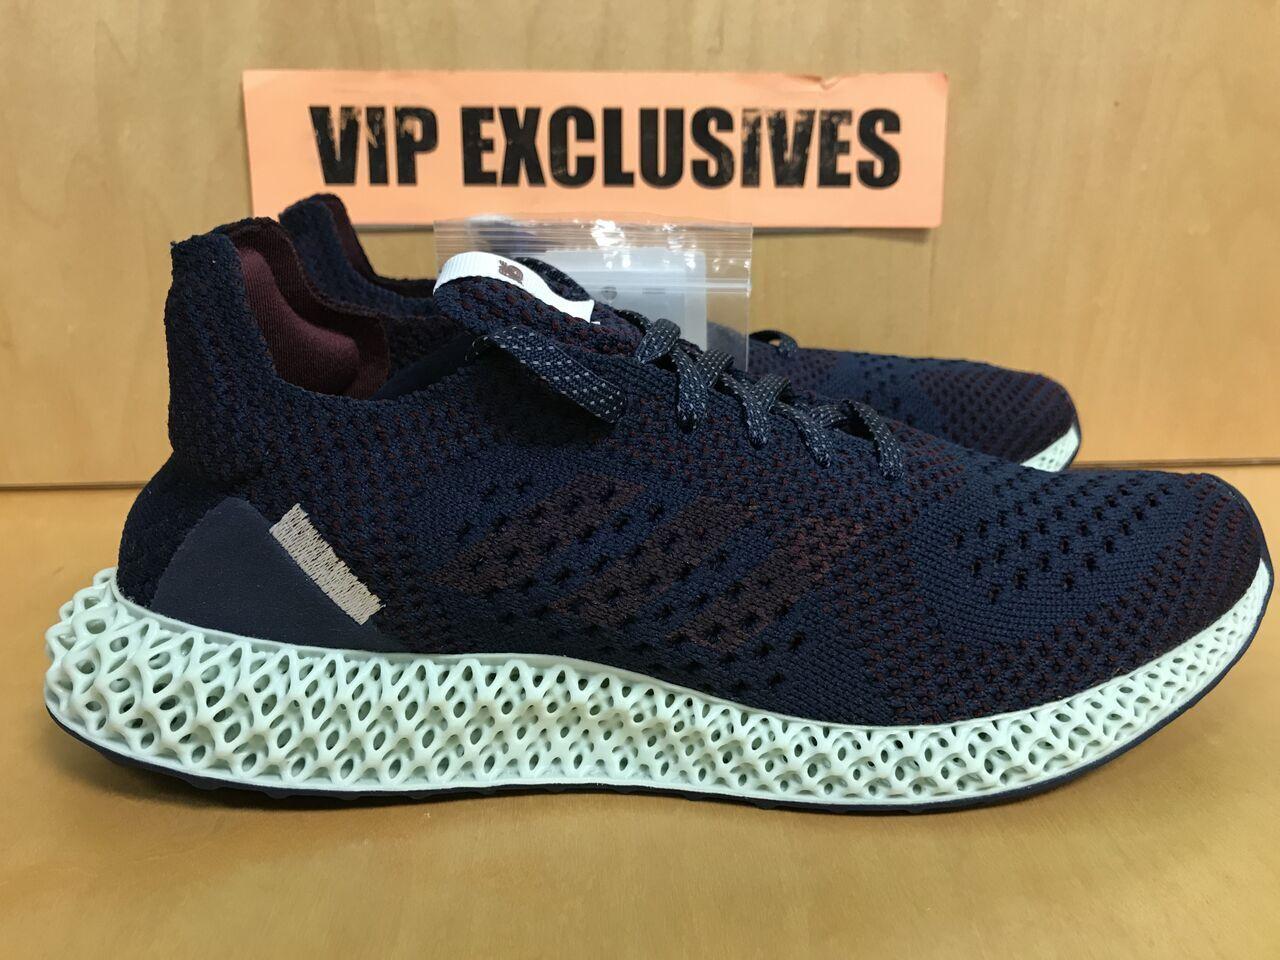 Adidas FutureCraft 4D Sneakersnstuff Consortium Runner SNS B96533 Size 6-11